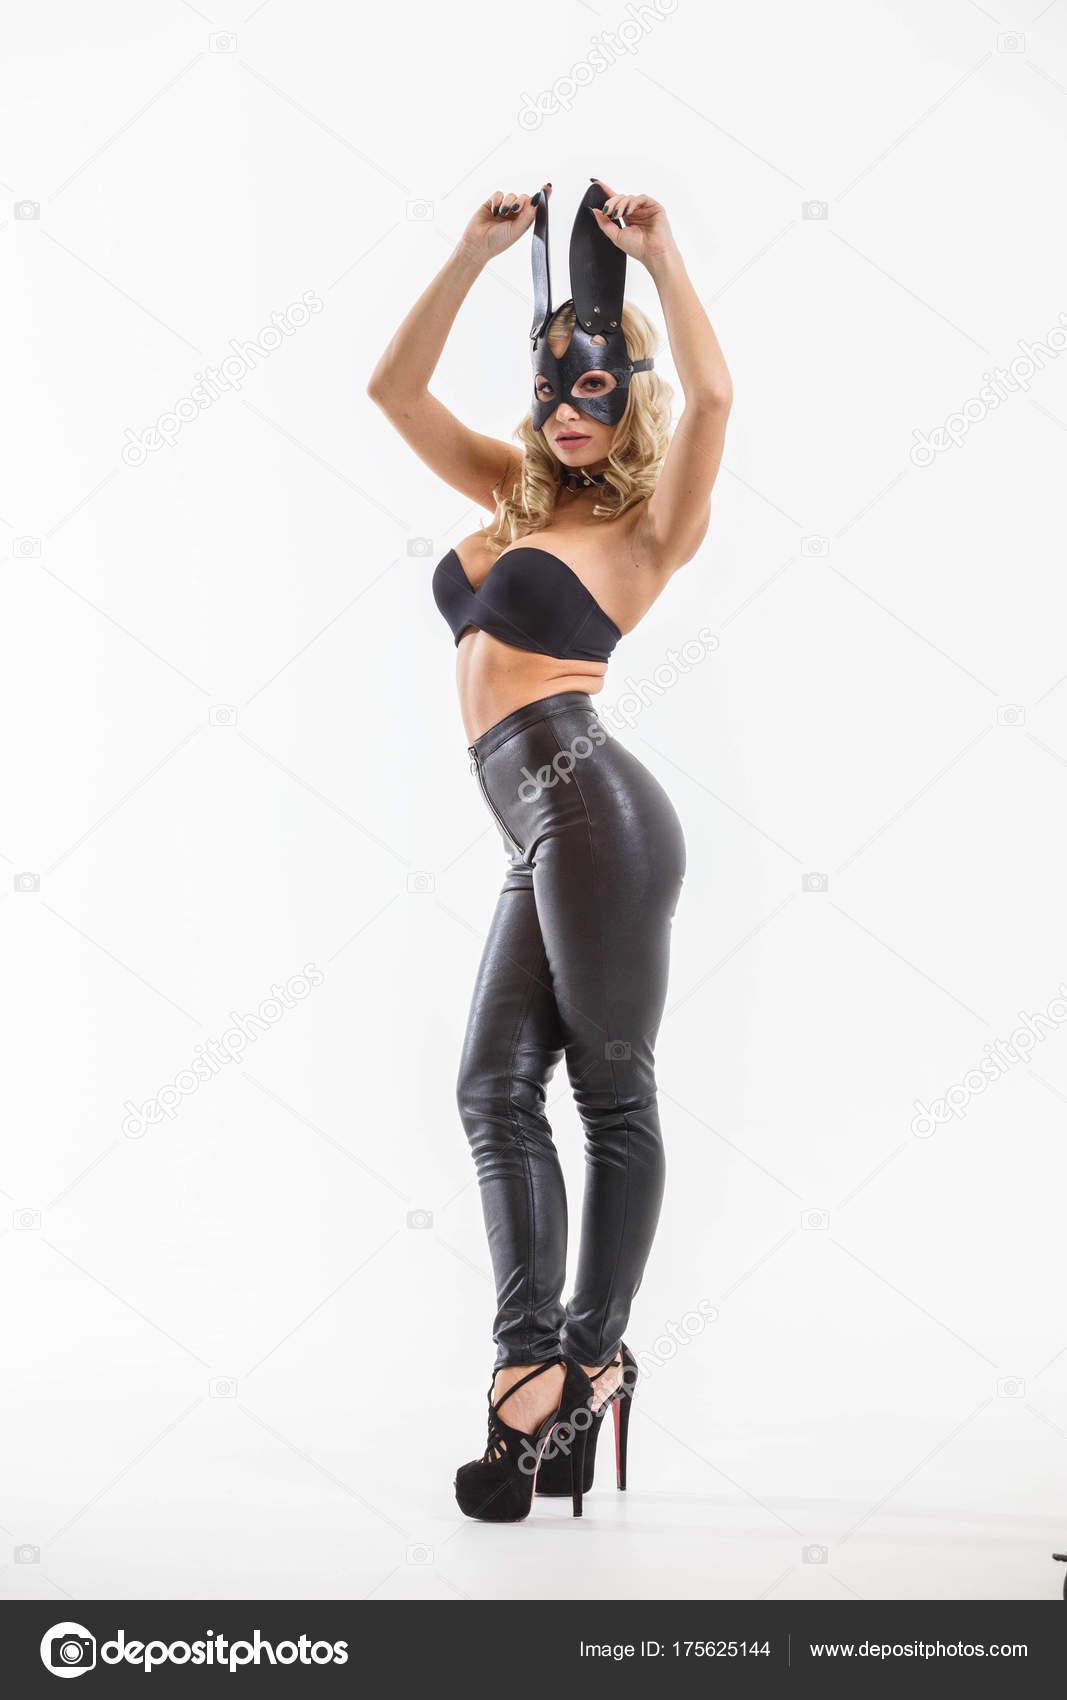 e4994112ef59 Studio Ολόσωμο Πορτρέτο Του Όμορφη Ξανθιά Γυναίκα Φορώντας Μαύρο Κολάν– εικόνα  αρχείου